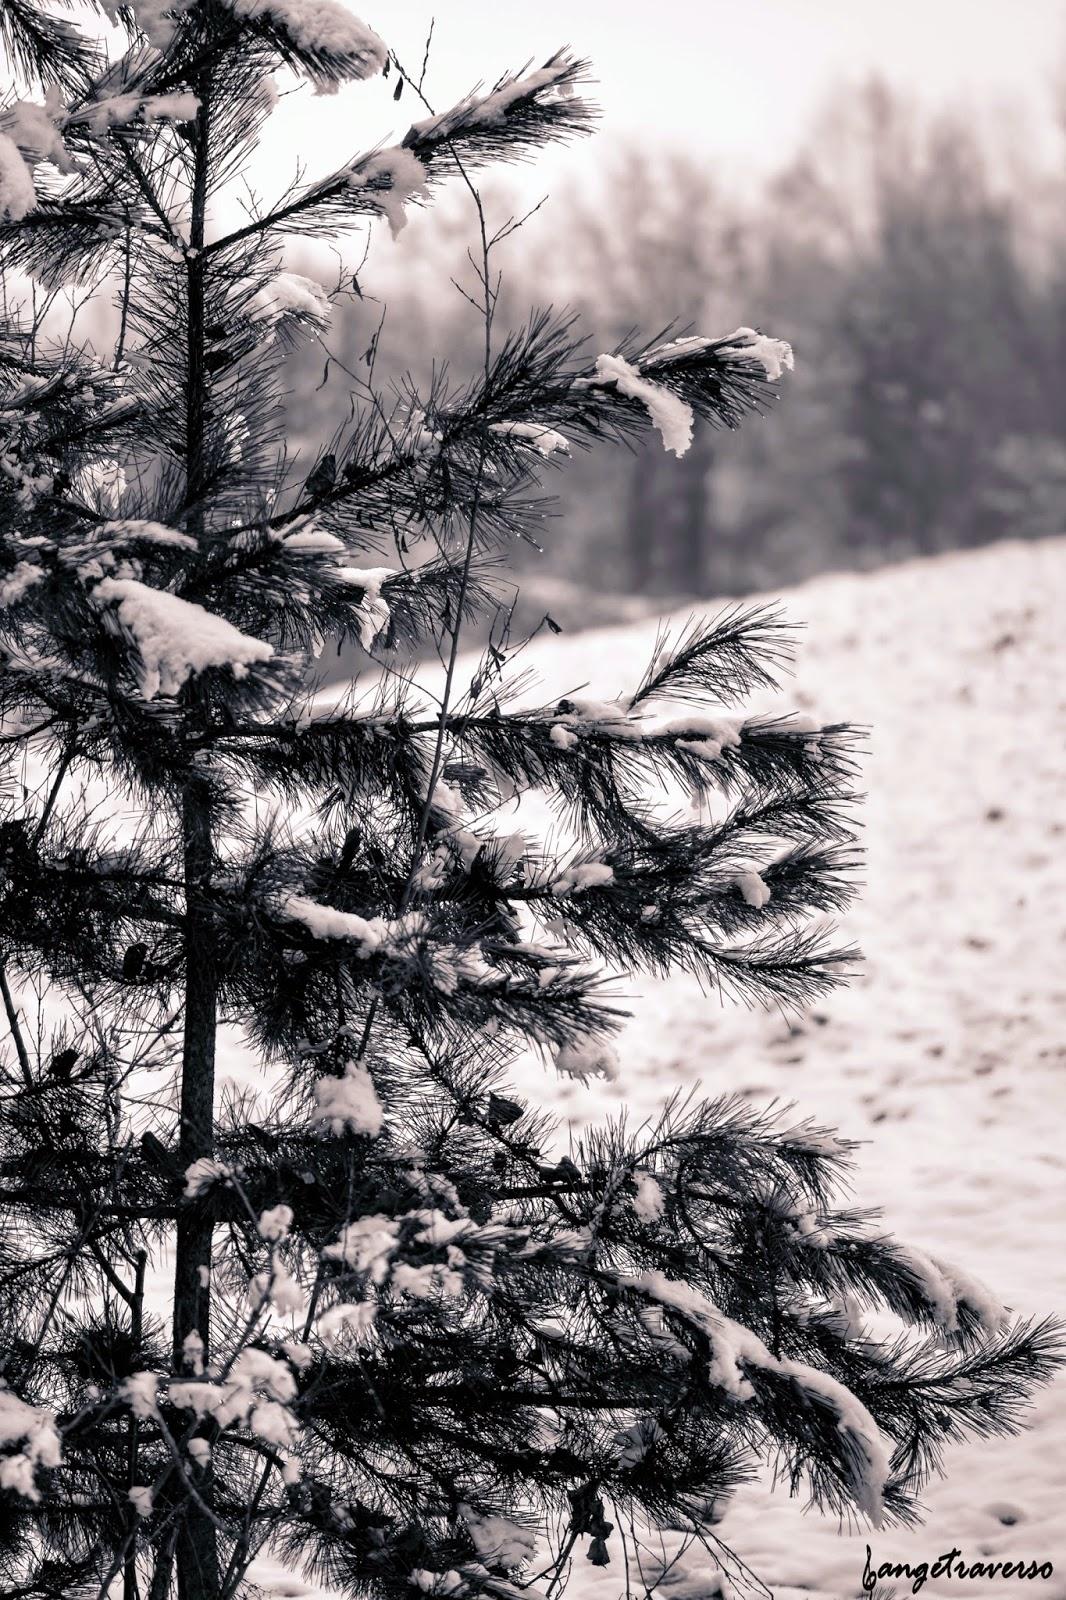 Hiver et neige abondante en Haute-Savoie, en février 2015